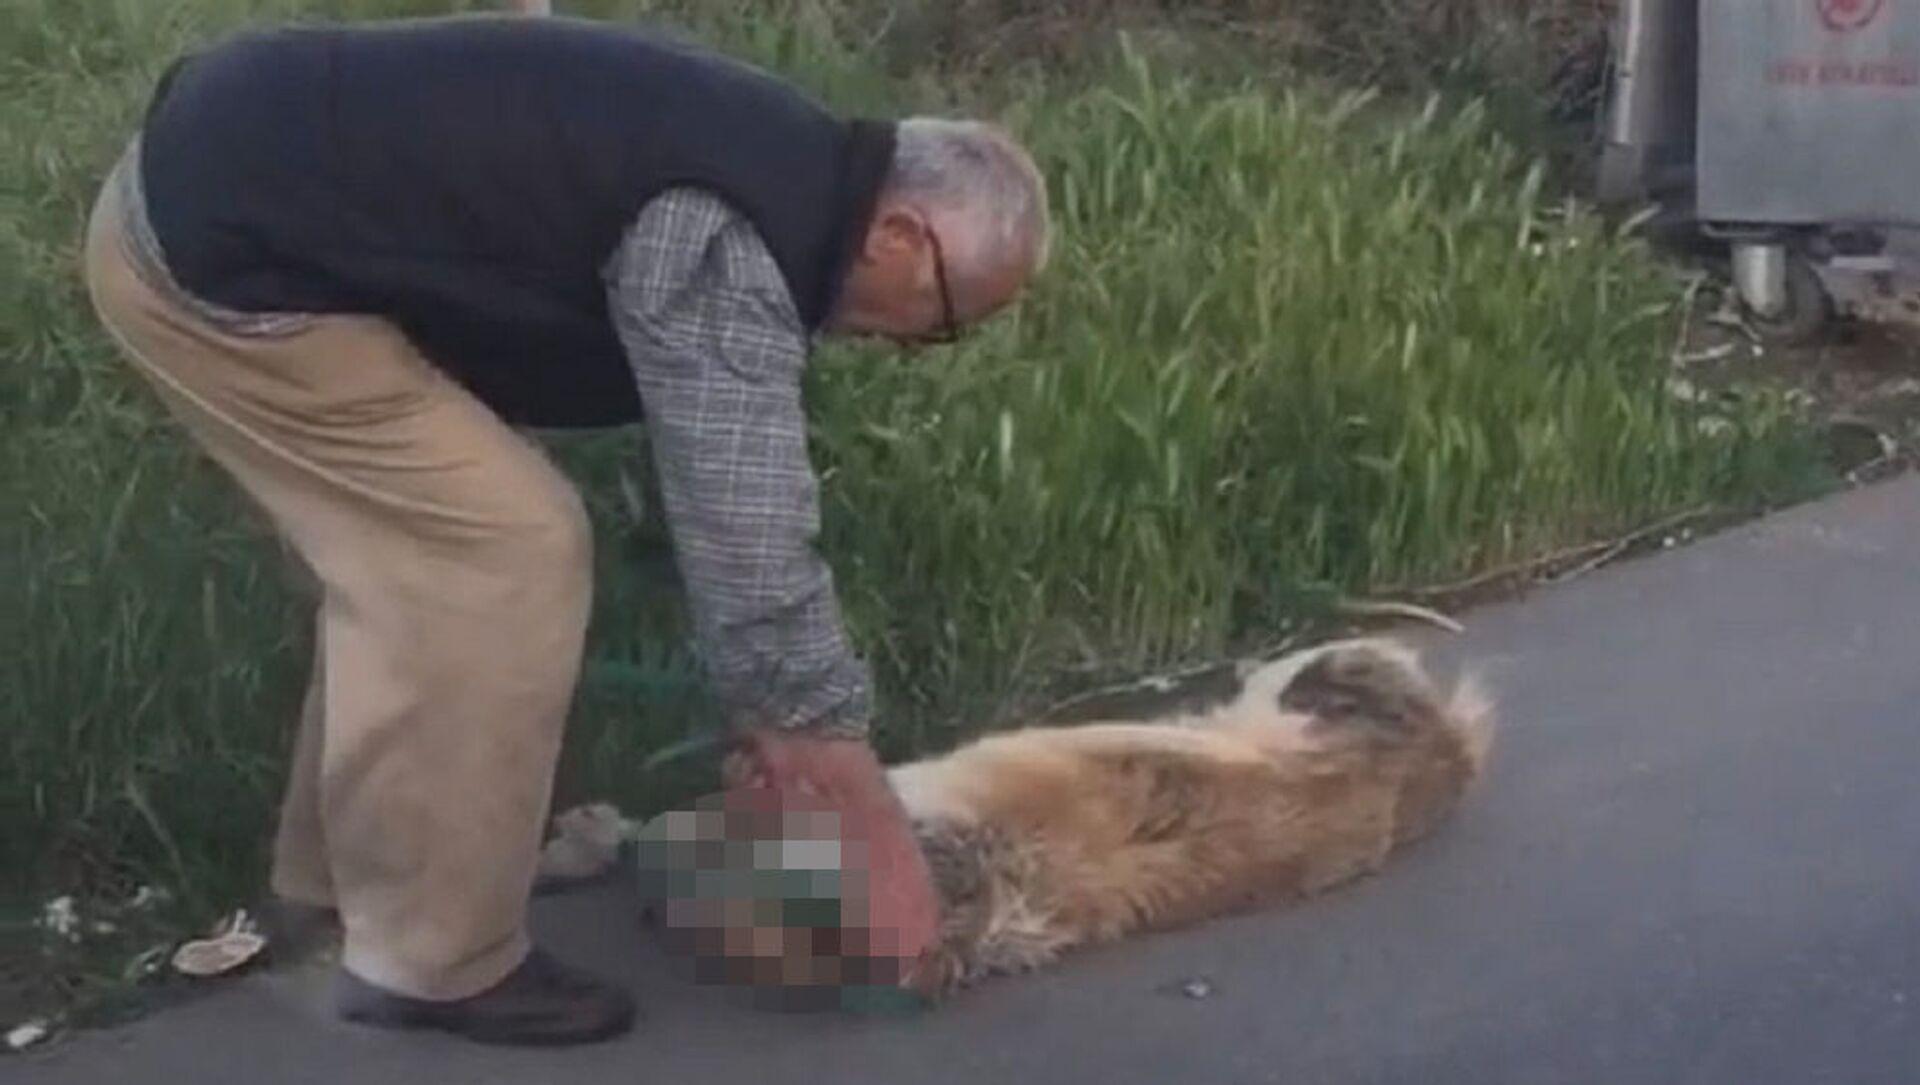 Boğazından bağladığı köpeği sürükleyerek çöpe bırakan adam gözaltına alındı - Sputnik Türkiye, 1920, 06.05.2021